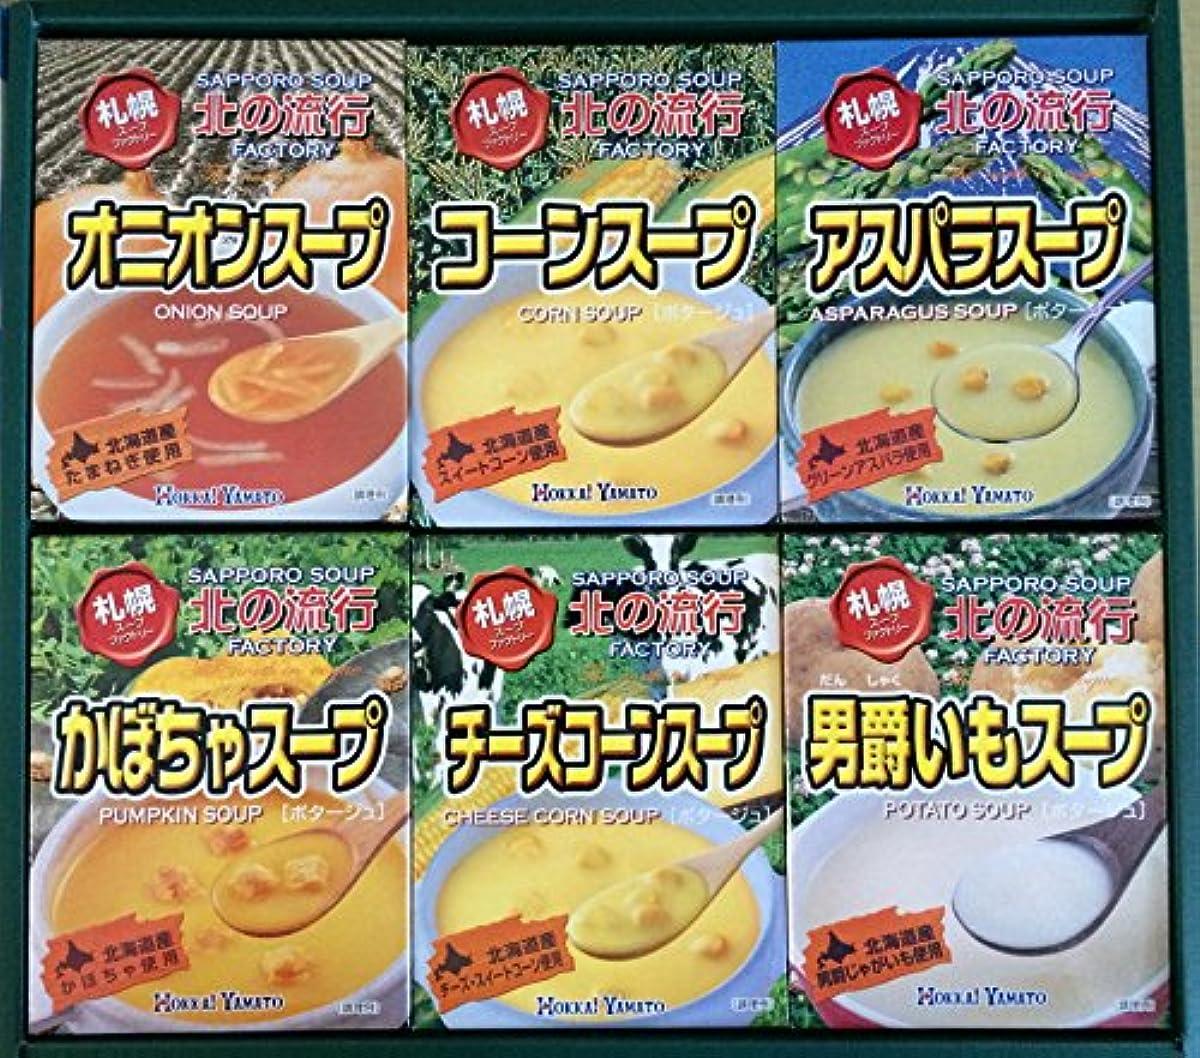 申請中特異性鮮やかな北海大和 札幌スープファクトリーギフトセット×6箱